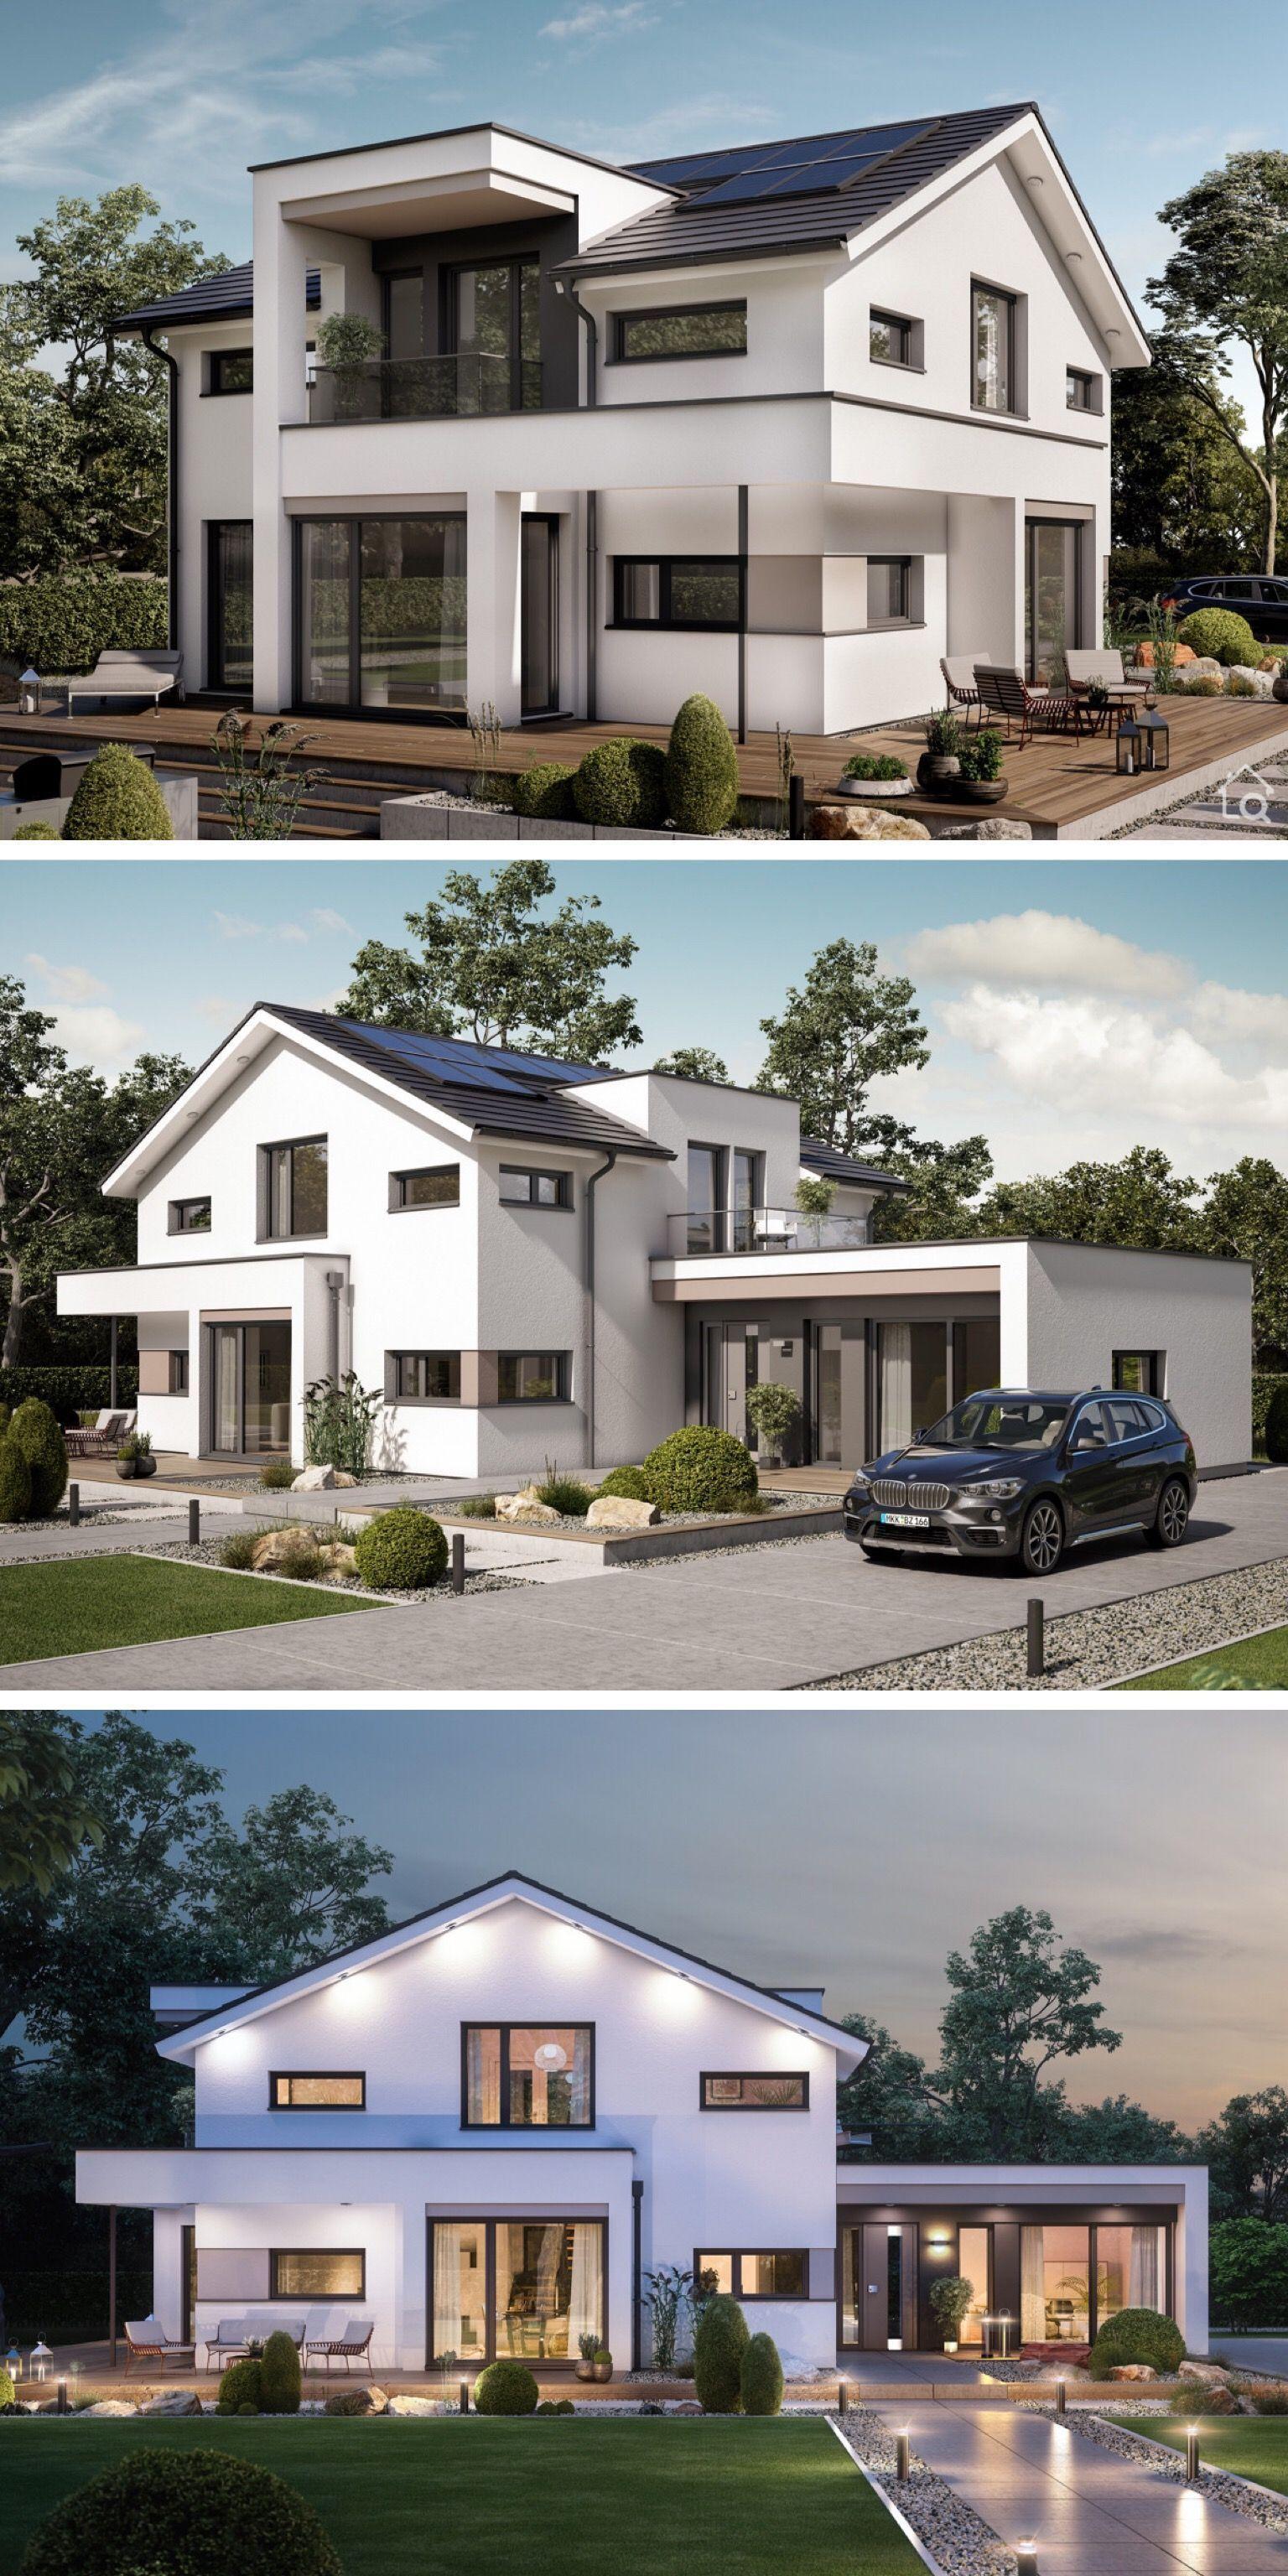 Fertighaus Modern Mit Satteldach Giebel Separater Buroerweiterung 5 Zimmern Erweiterung In 2020 Zwerchgiebel Architektur Haus Design Architektur Haus